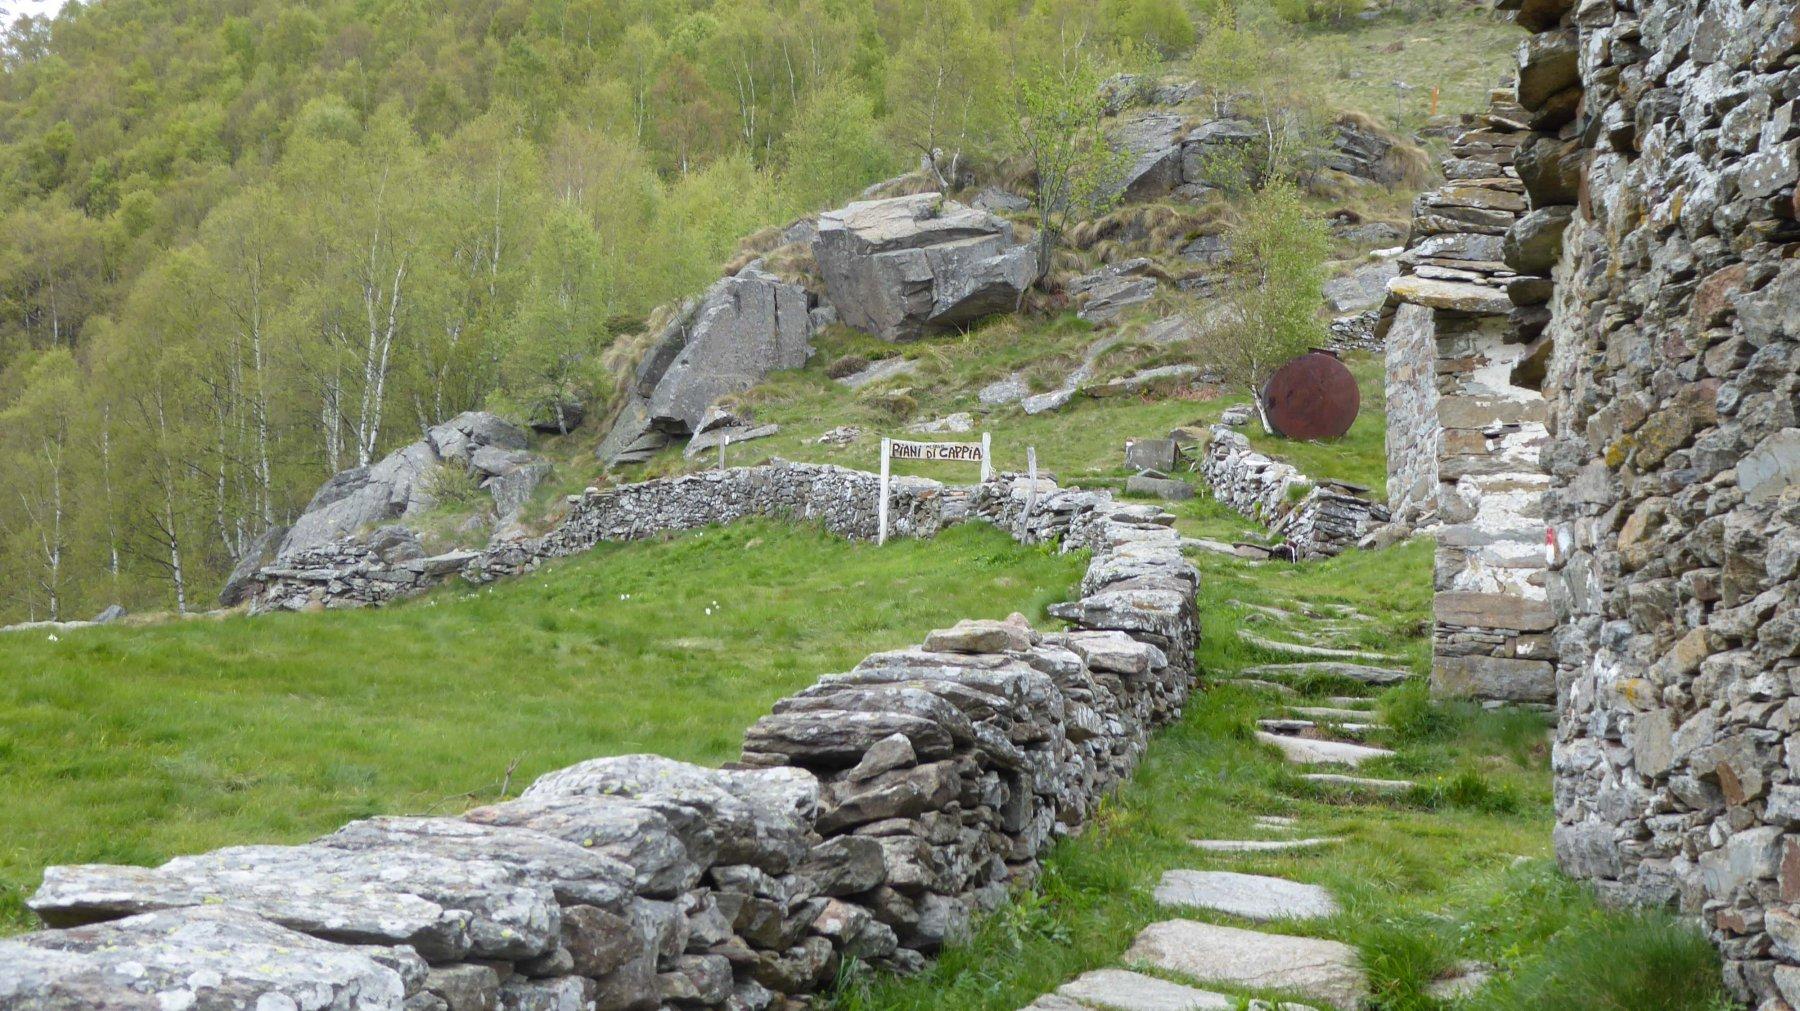 Sul sentiero buona fontanella a fianco l'ultima baita subito dopo comincia la discesa